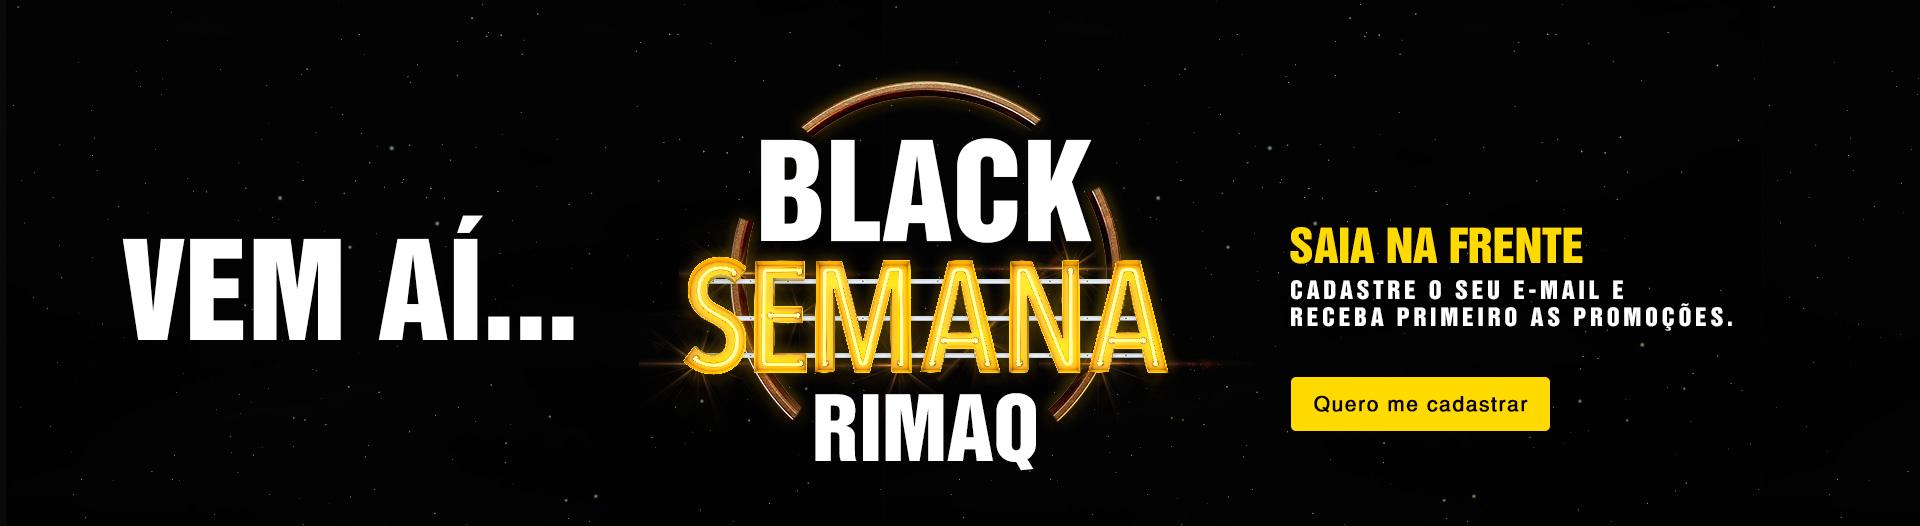 black-semana-rimaq-aguardem-Recuperado